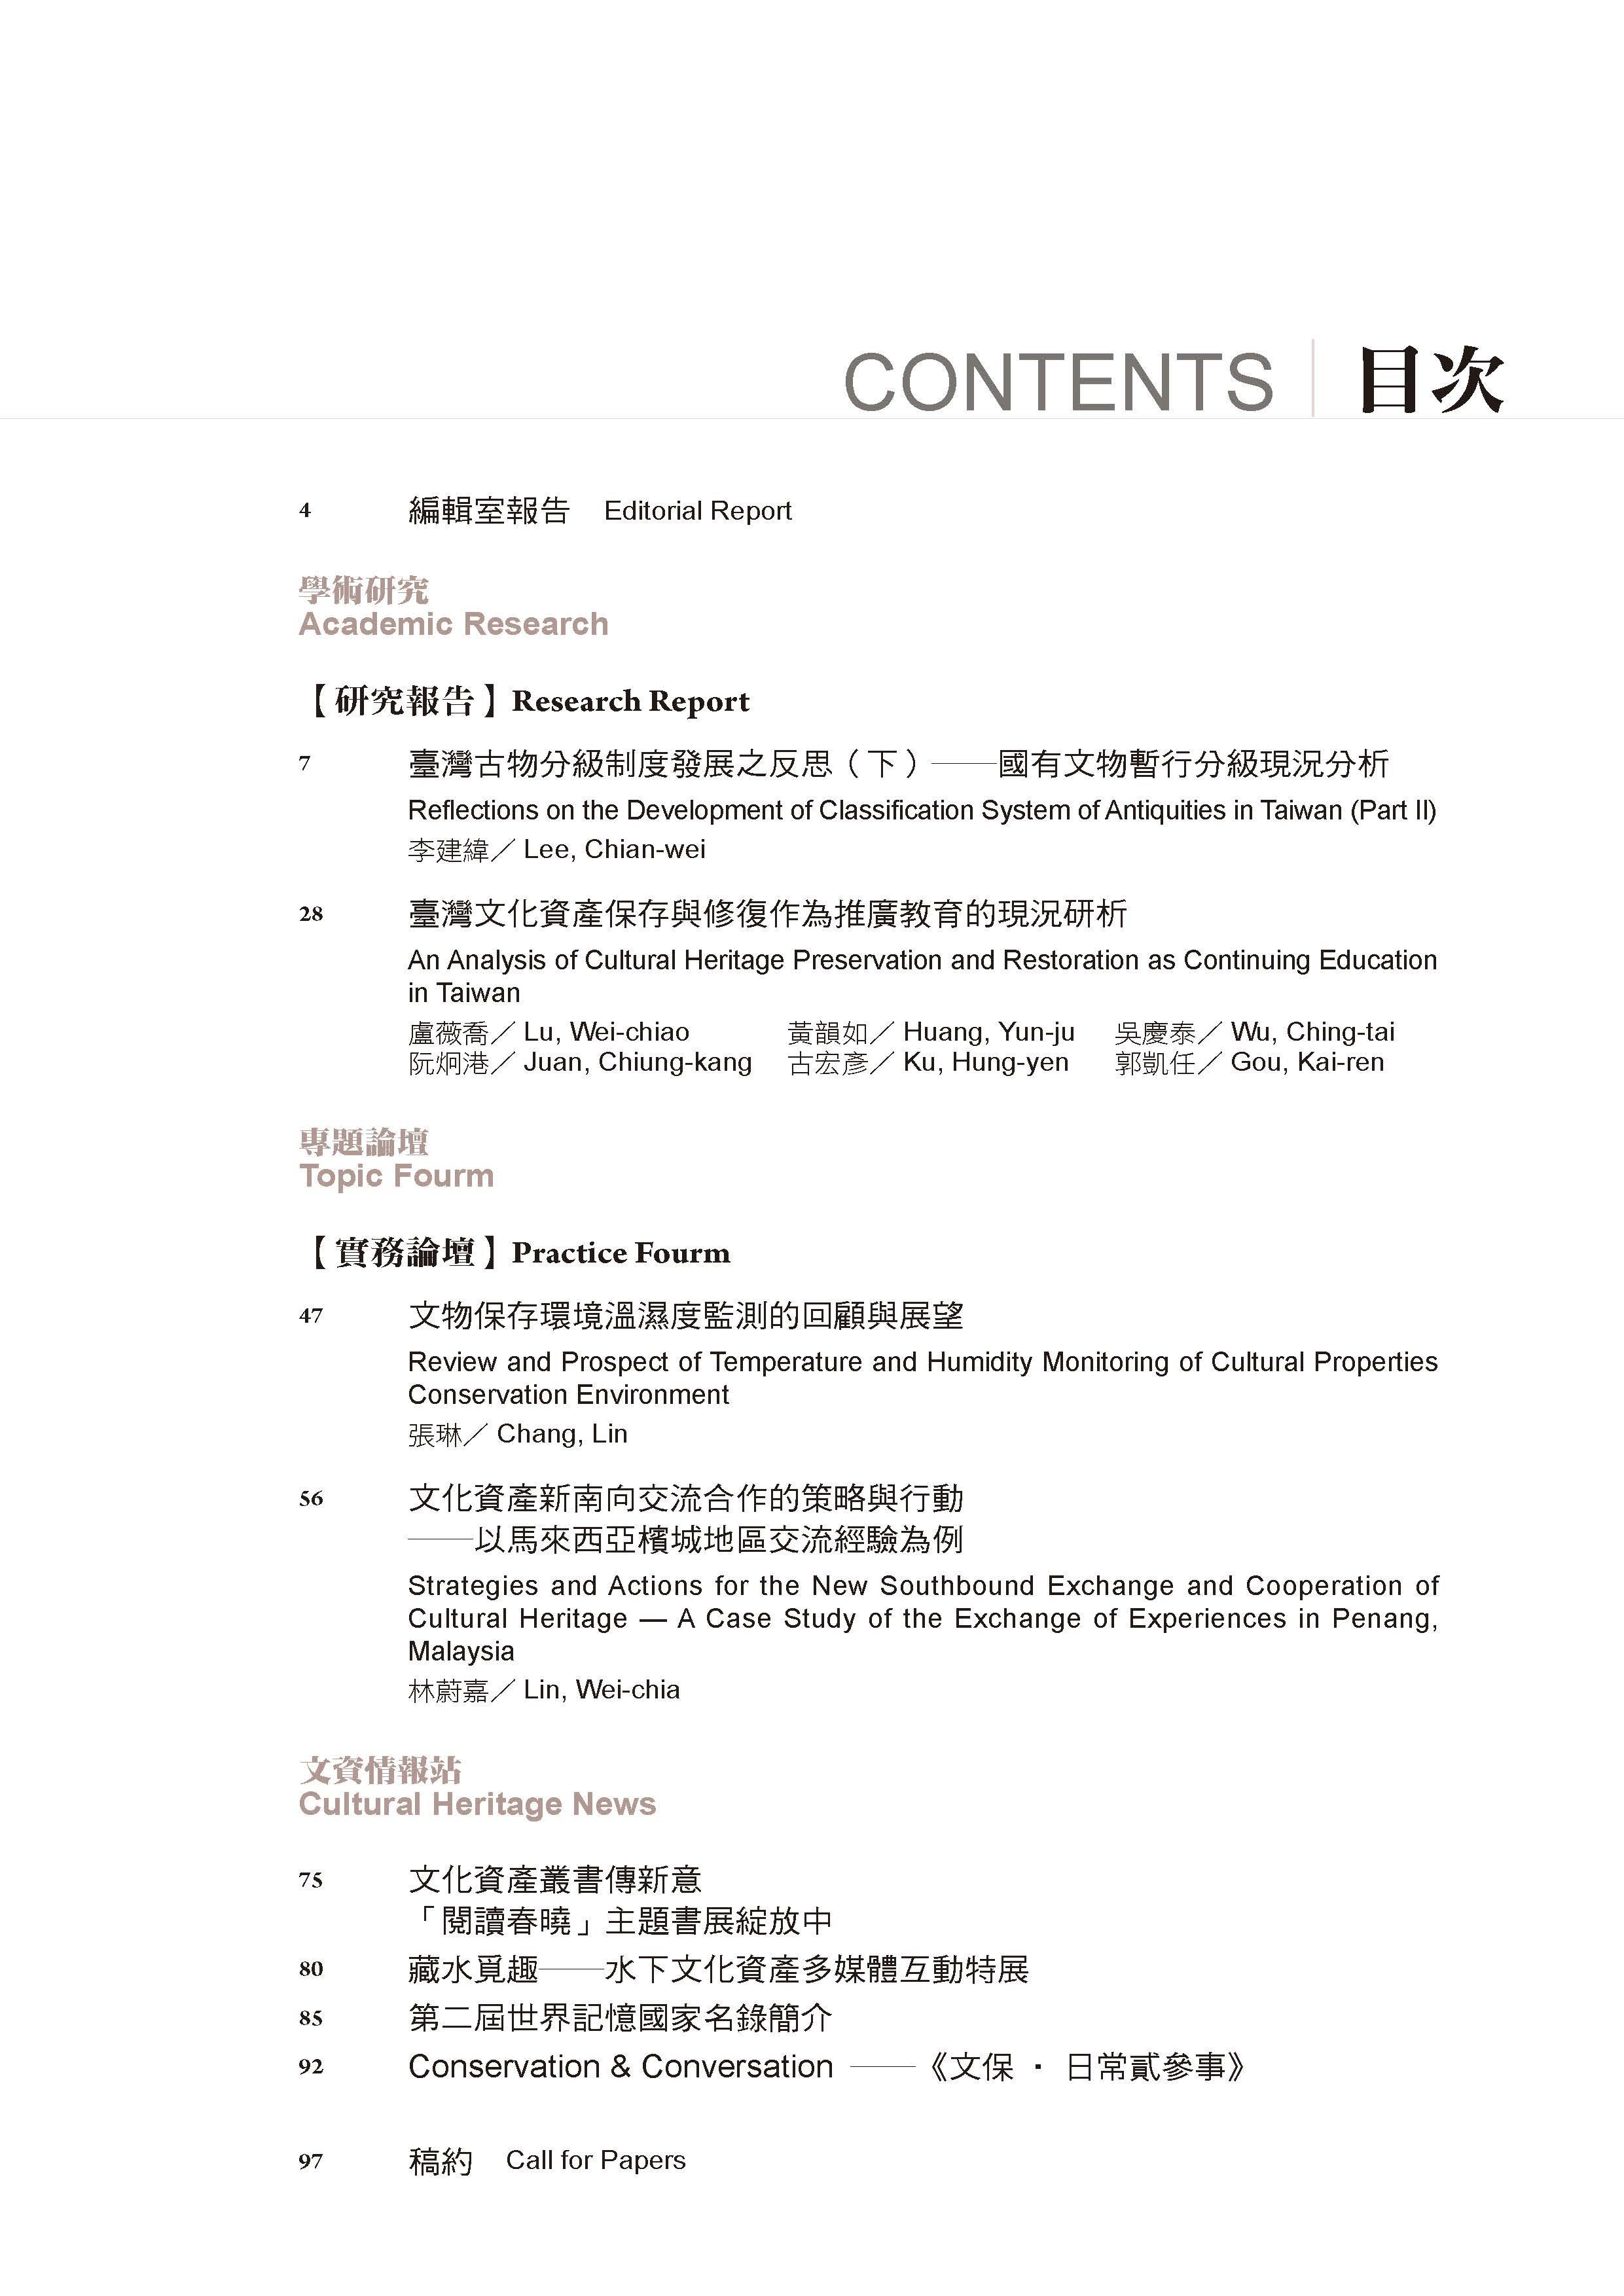 文化資產保存學刊(55)-目次.jpg